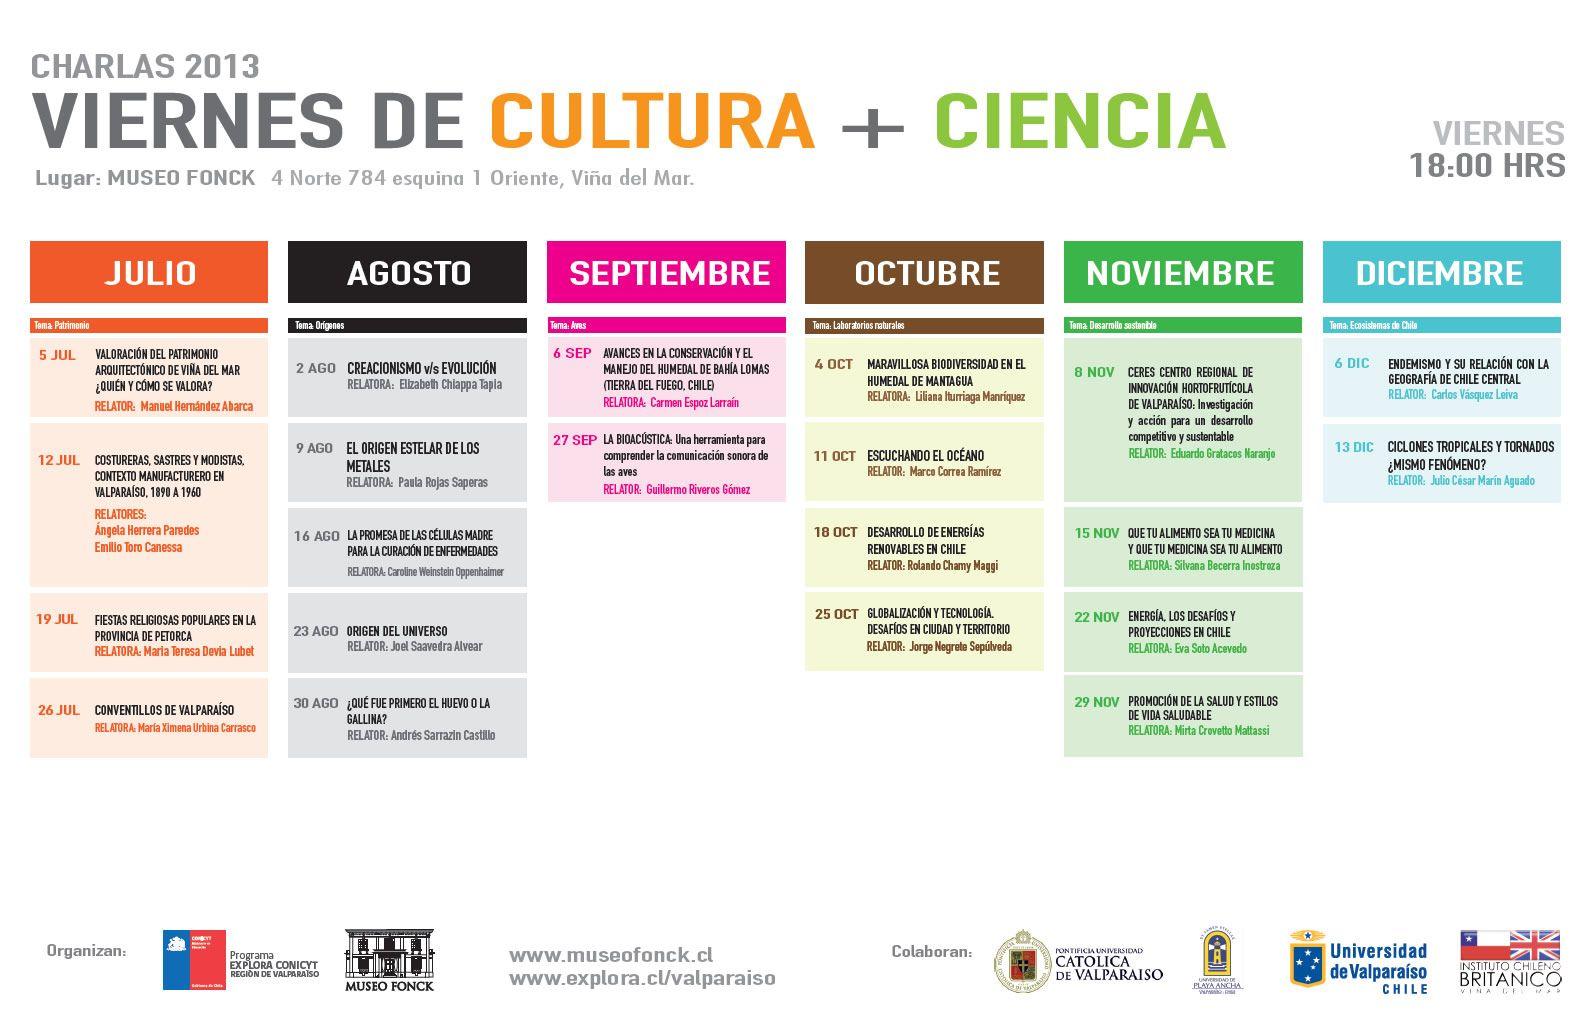 Toda la programación de los Viernes de Cultura + Ciencia